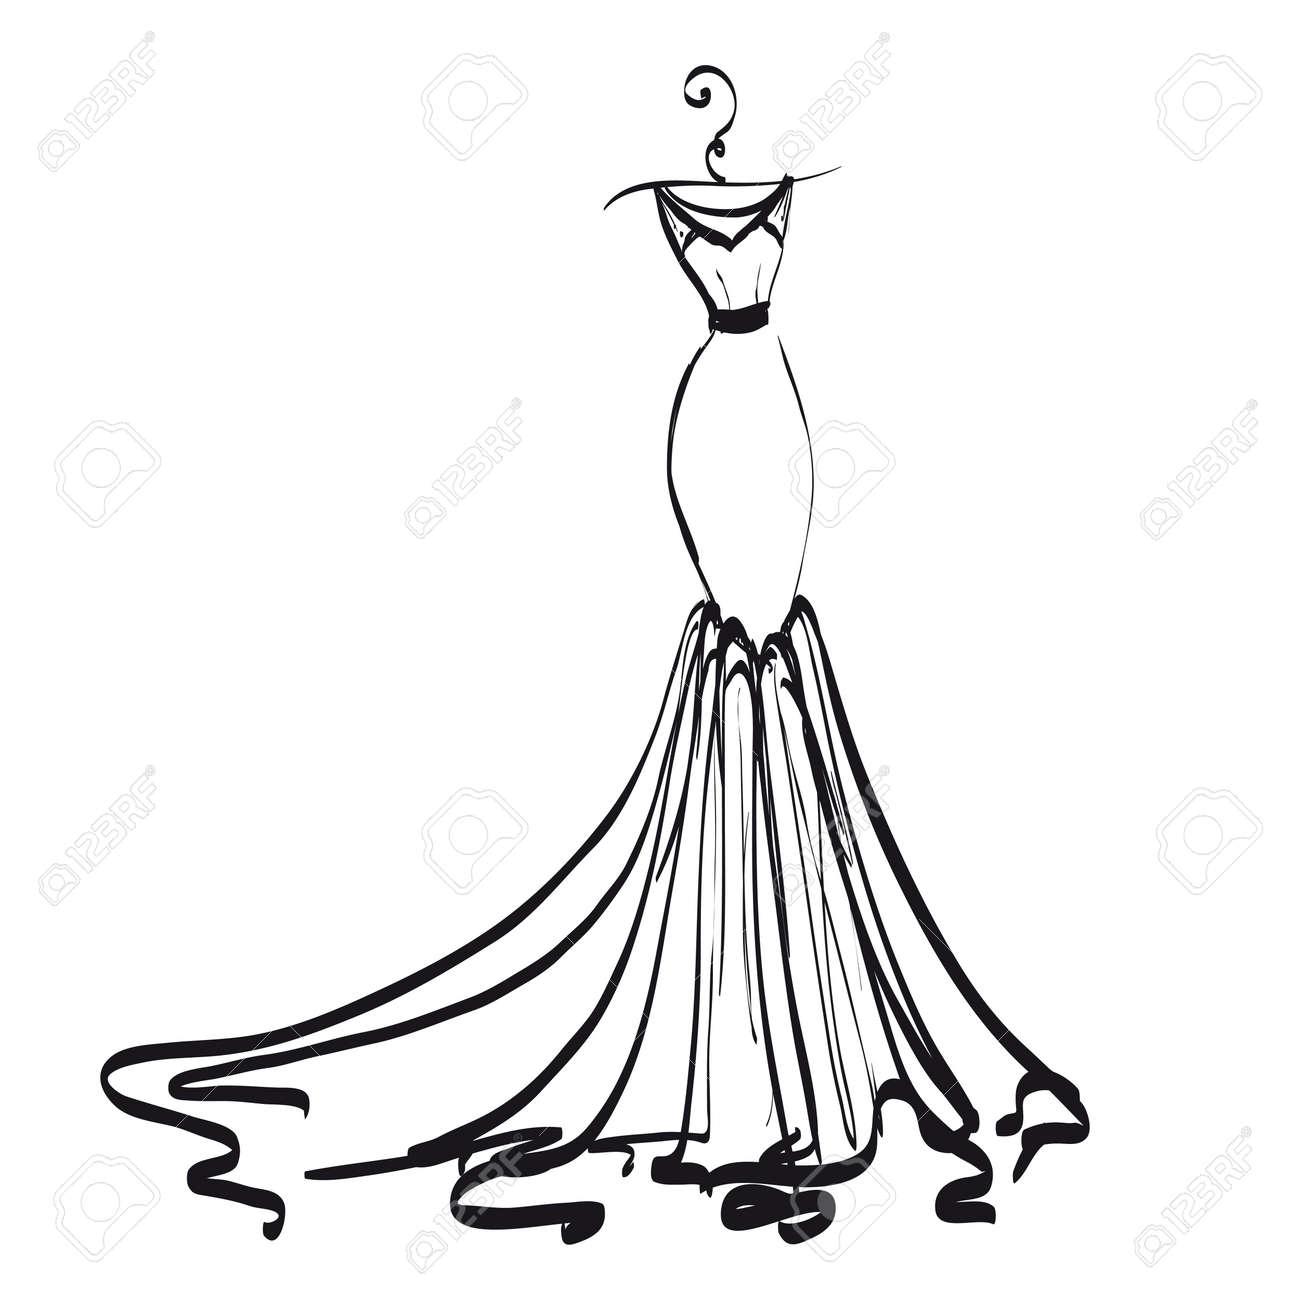 Fullsize Of Wedding Dress Clipart